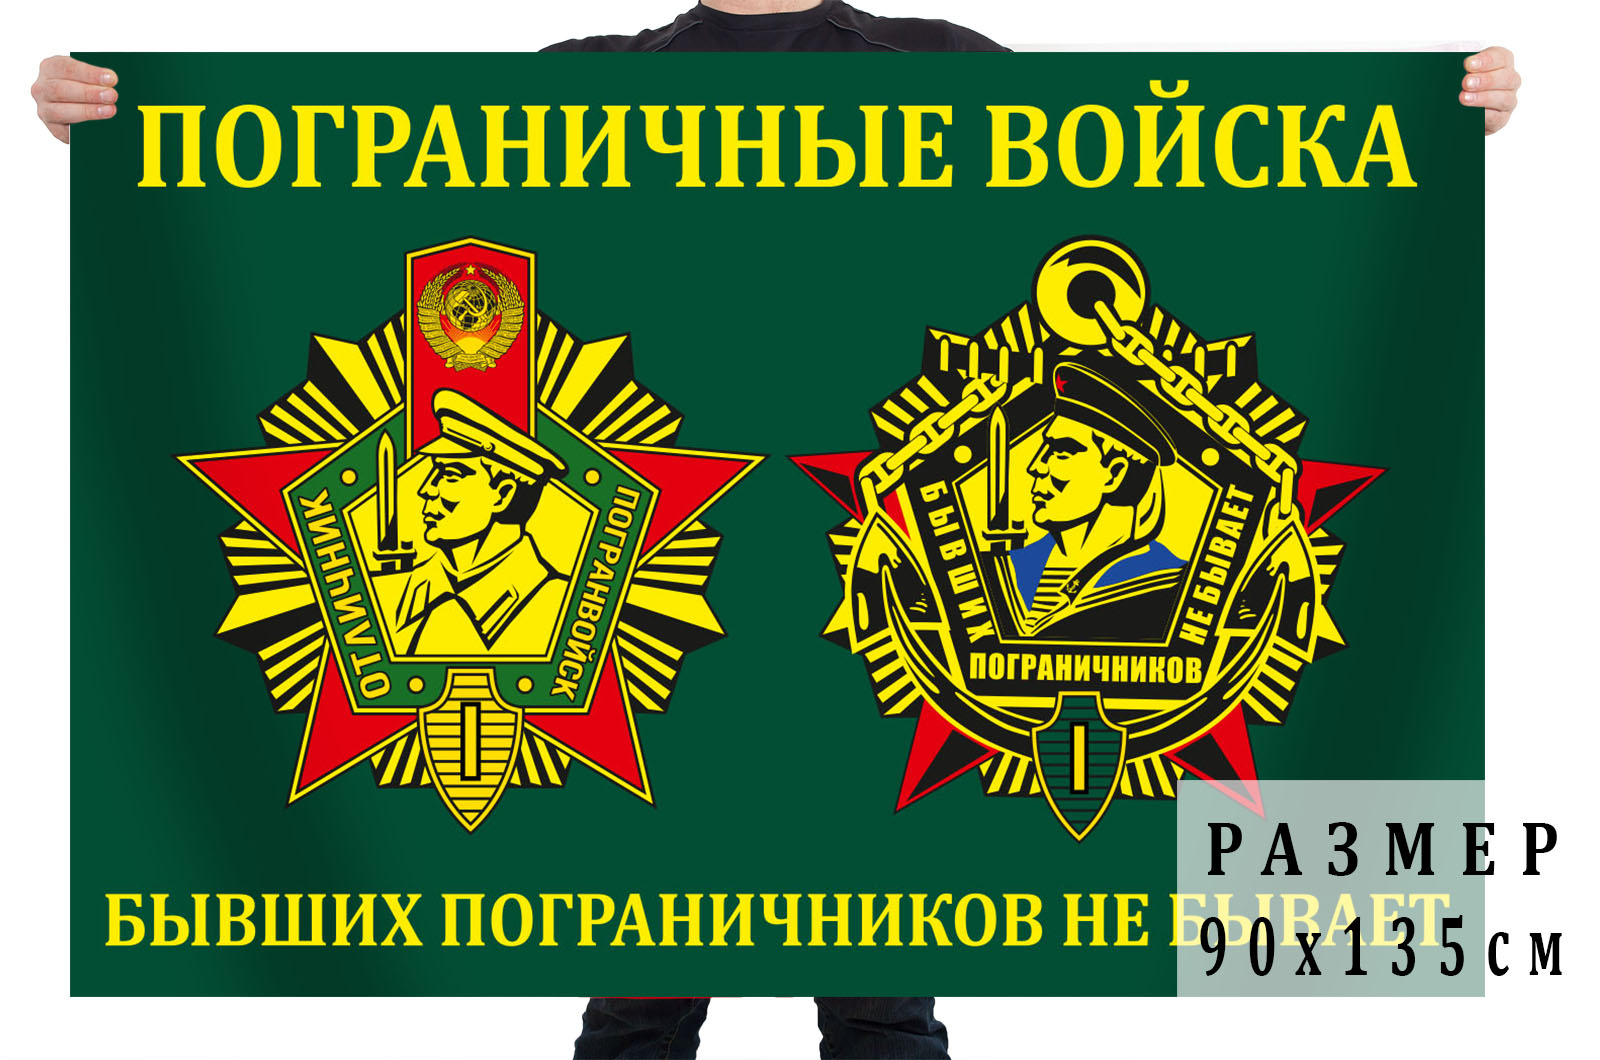 Флаг Бывших пограничников не бывает